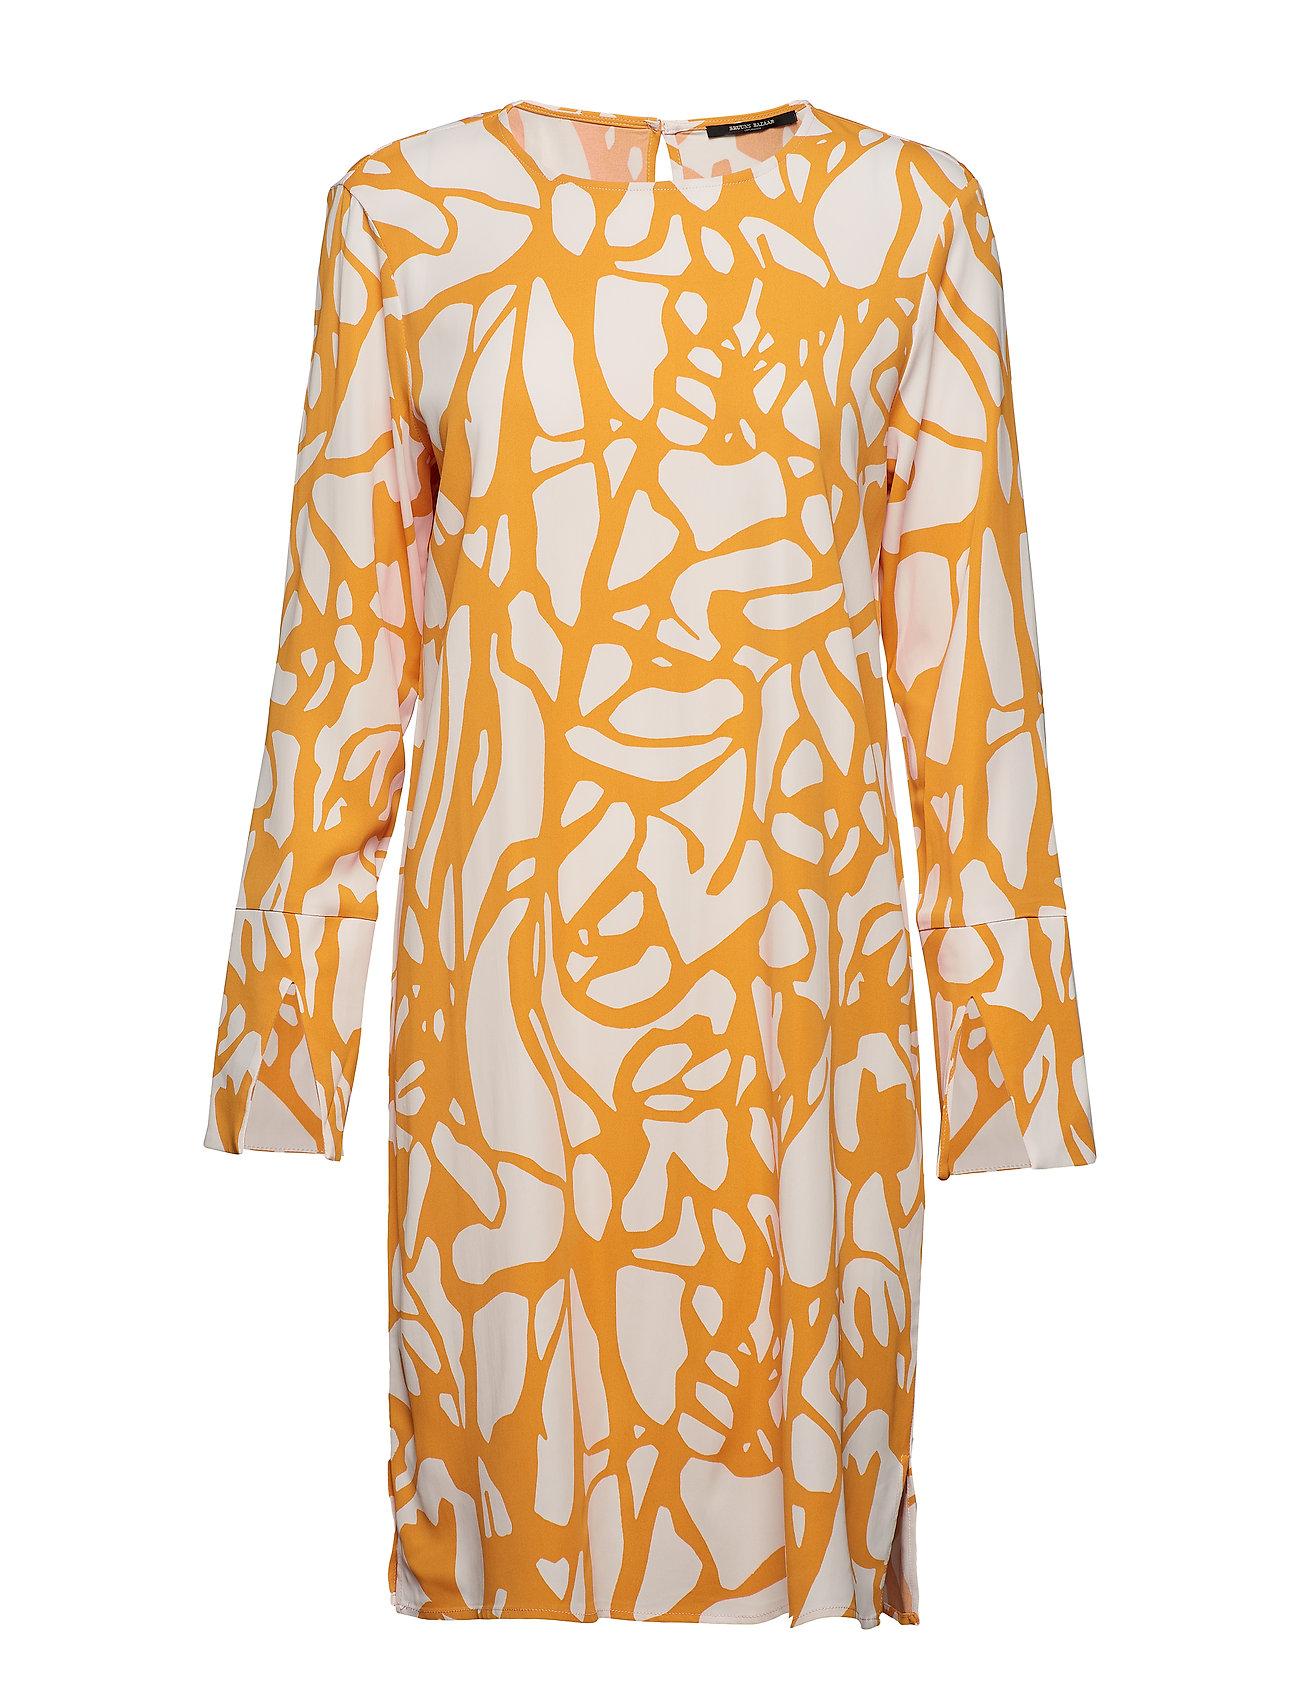 Bruuns Bazaar Grid Felia Dress - GRID ARTWORK